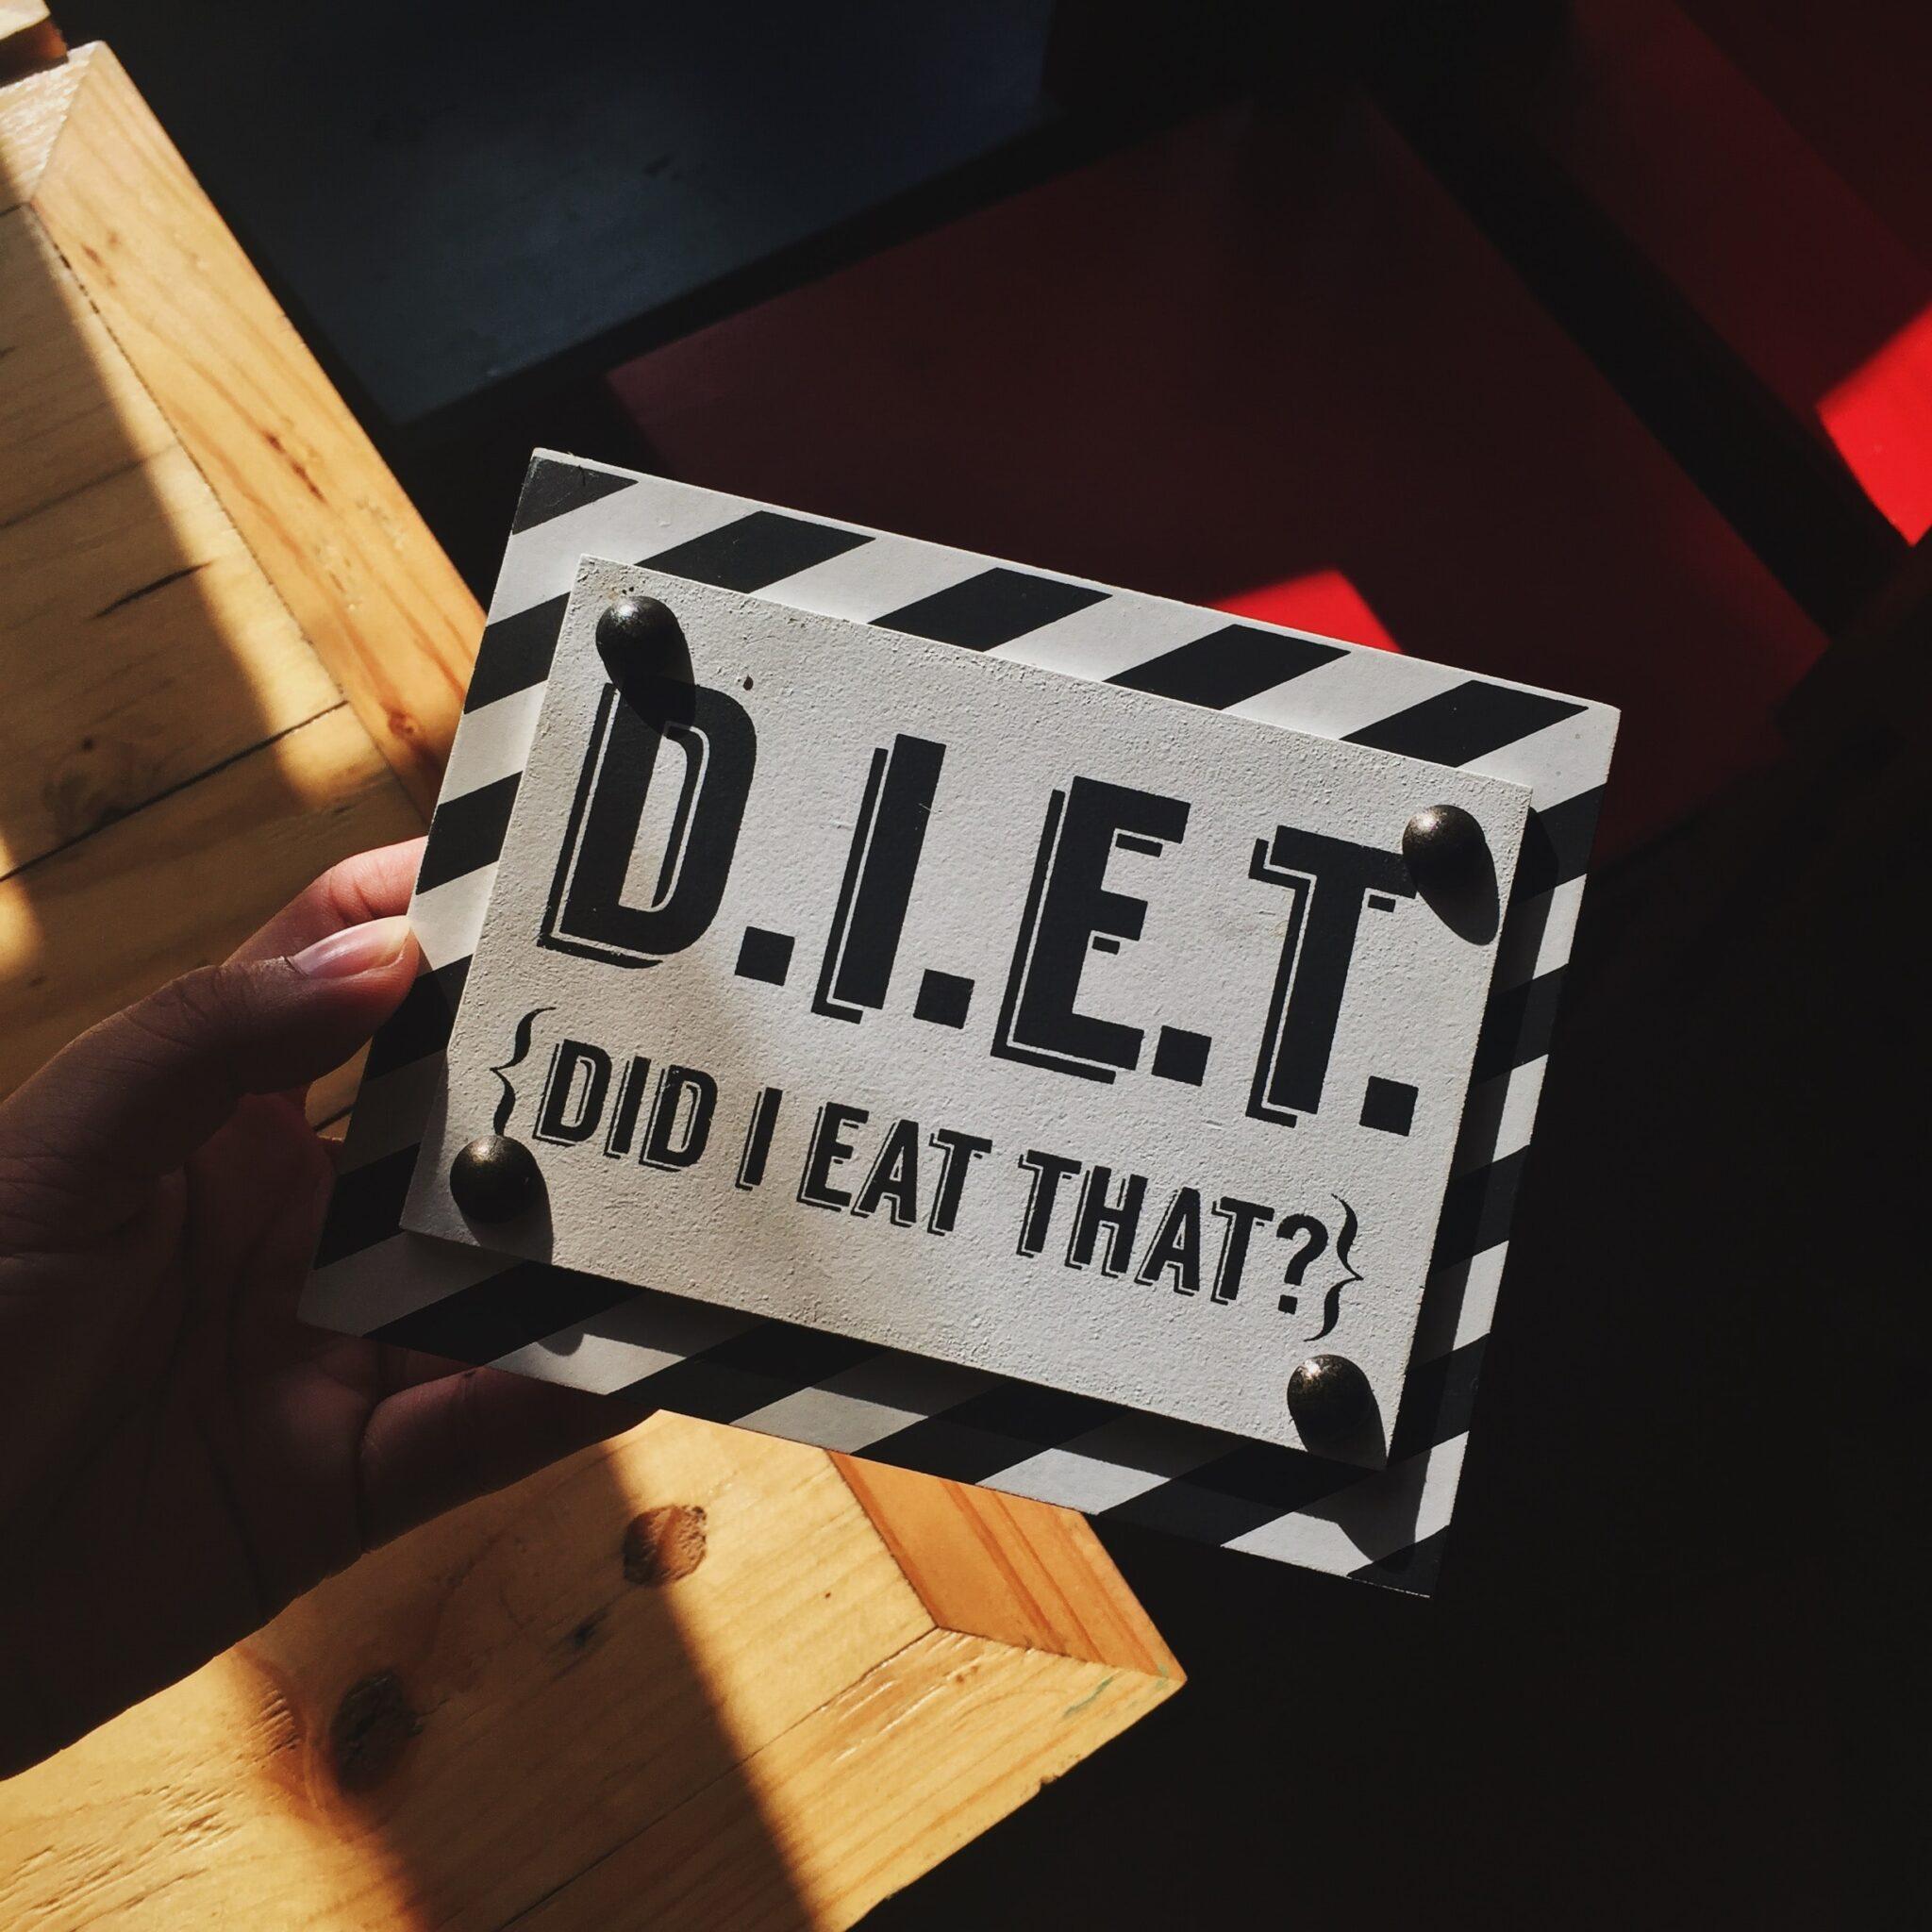 Δίαιτα ή διατροφή